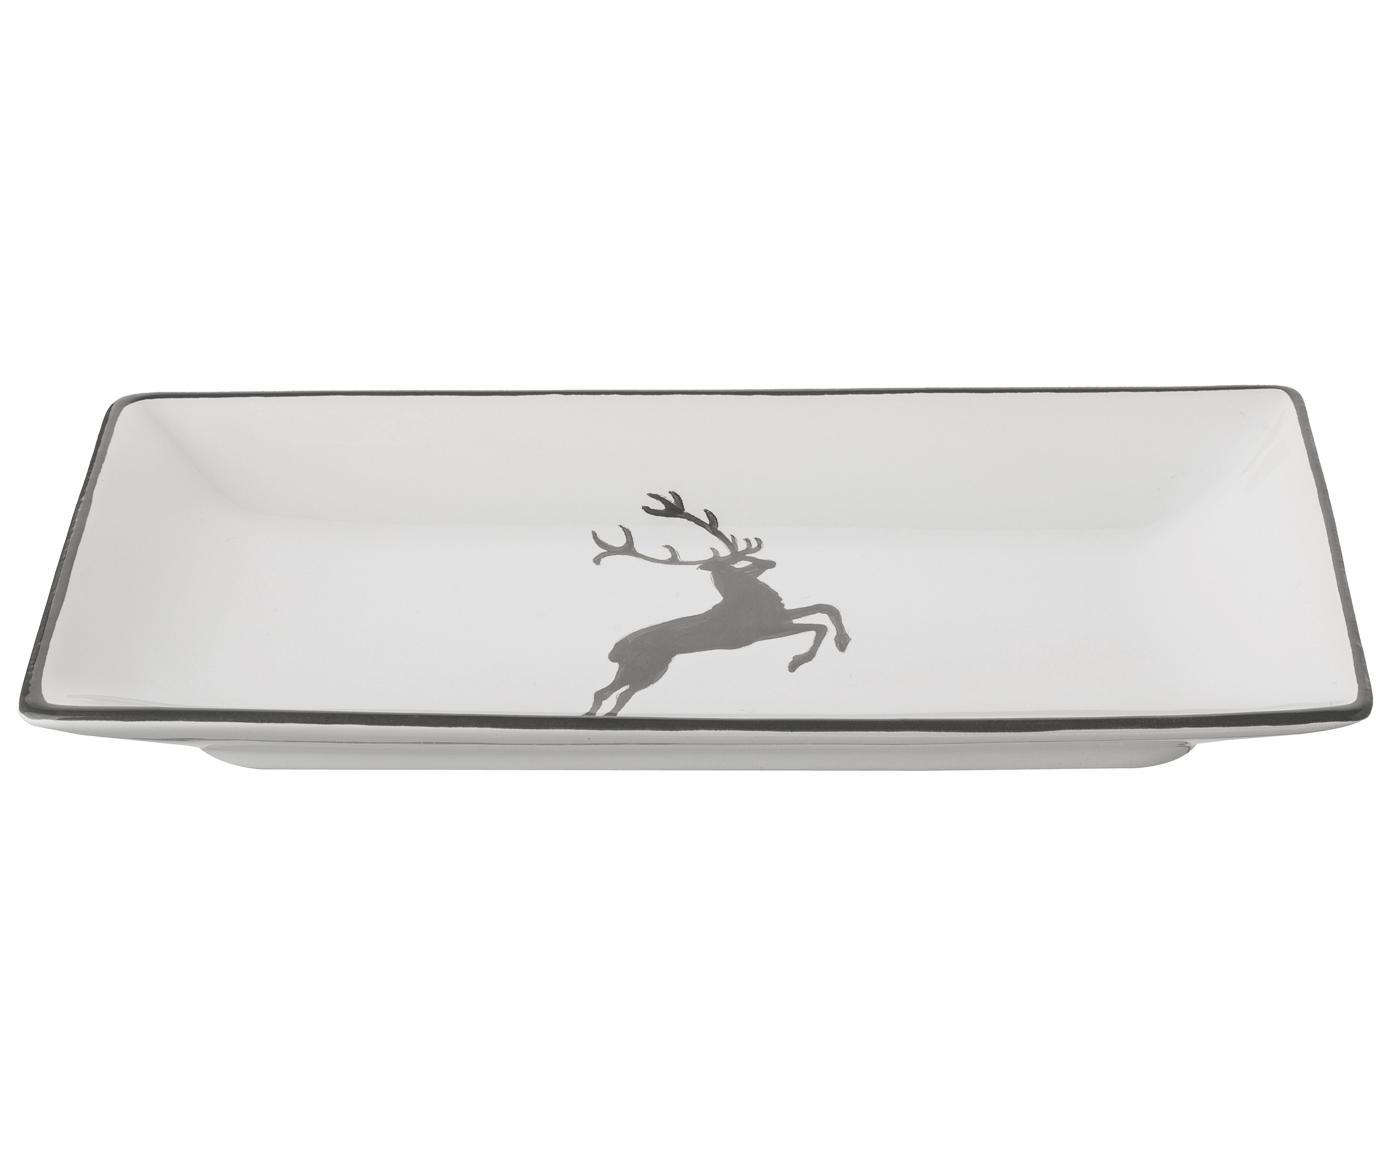 Handbemalte Servierplatte Grauer Hirsch, Keramik, Grau,Weiß, 22 x 11 cm